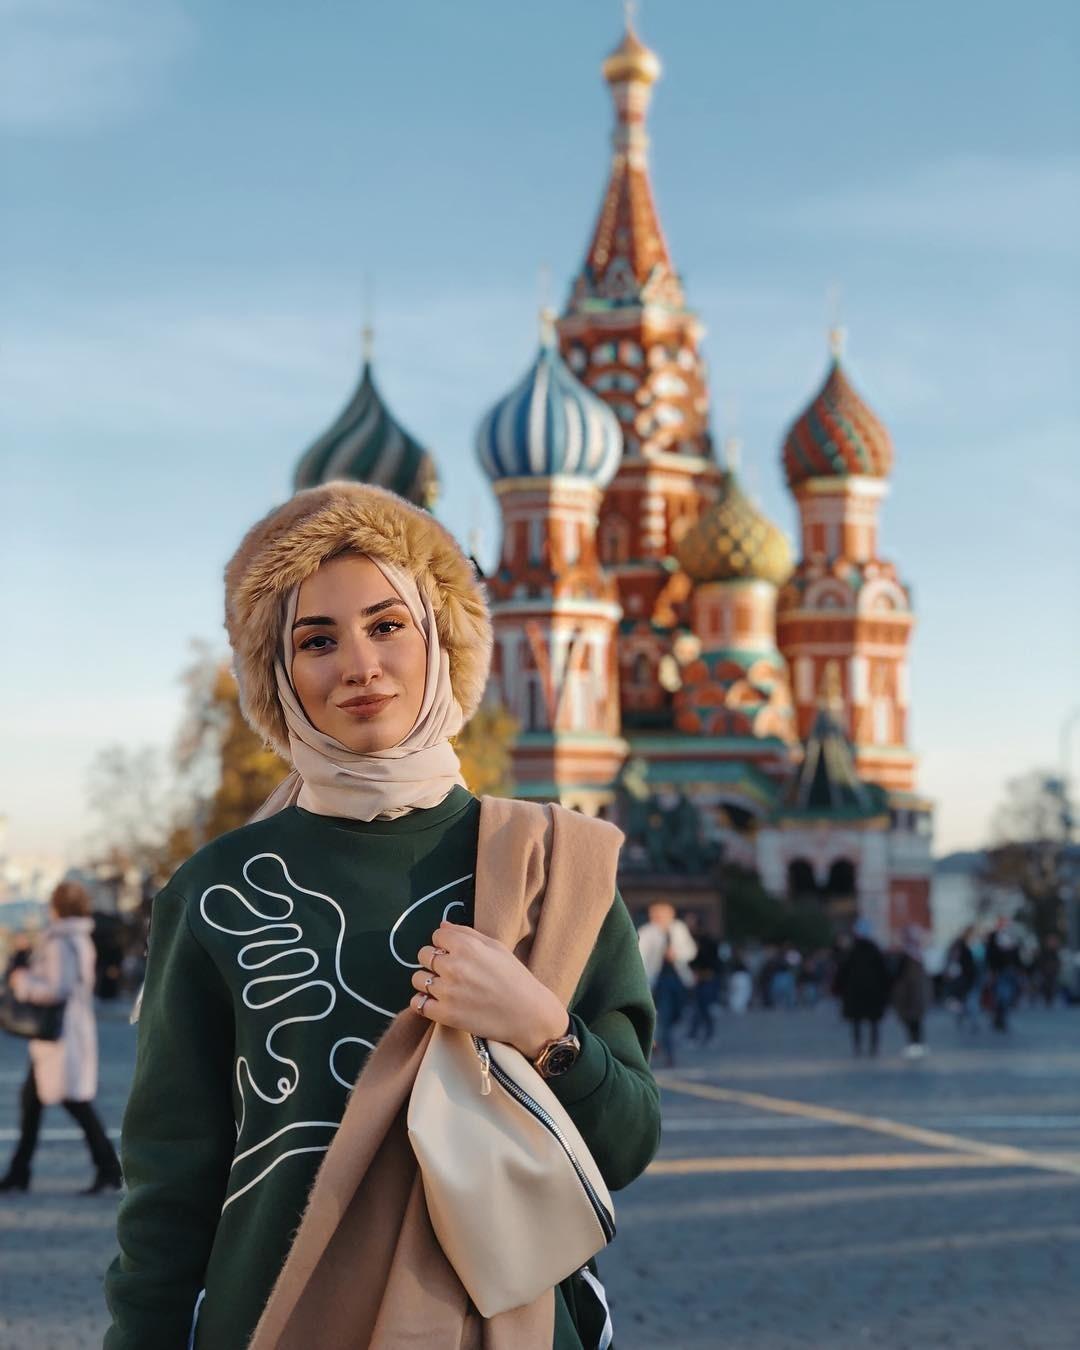 Роль мусульманской женщины всовременном мире переосмысляется, а вместе сэтим меняются восточные fashion-традиции. Наобложках глянцевых журналов ина модных показах все чаще появляются...